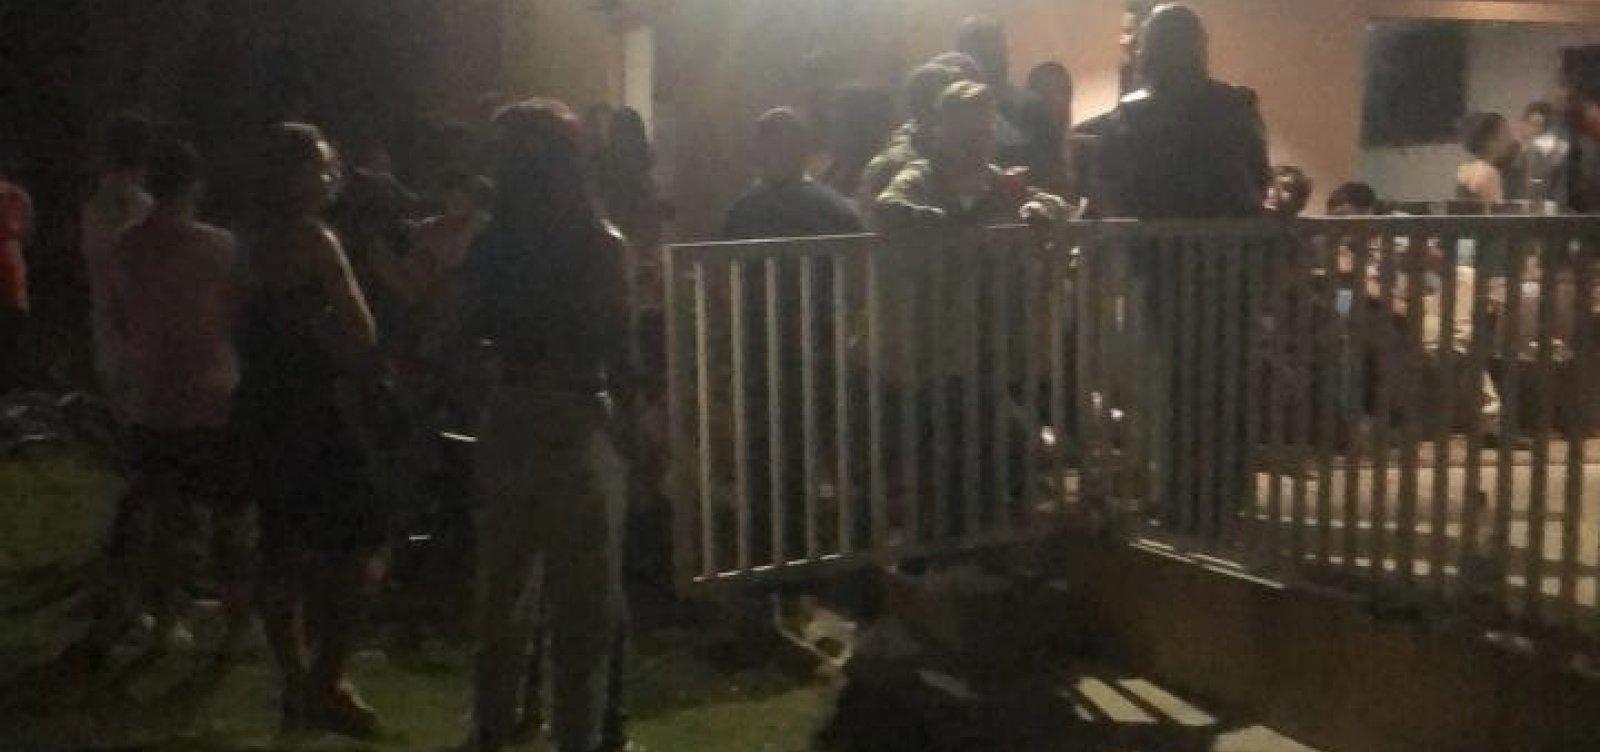 Após denúncia anônima, polícia encerra festa clandestina com mais de 100 pessoas em Conquista